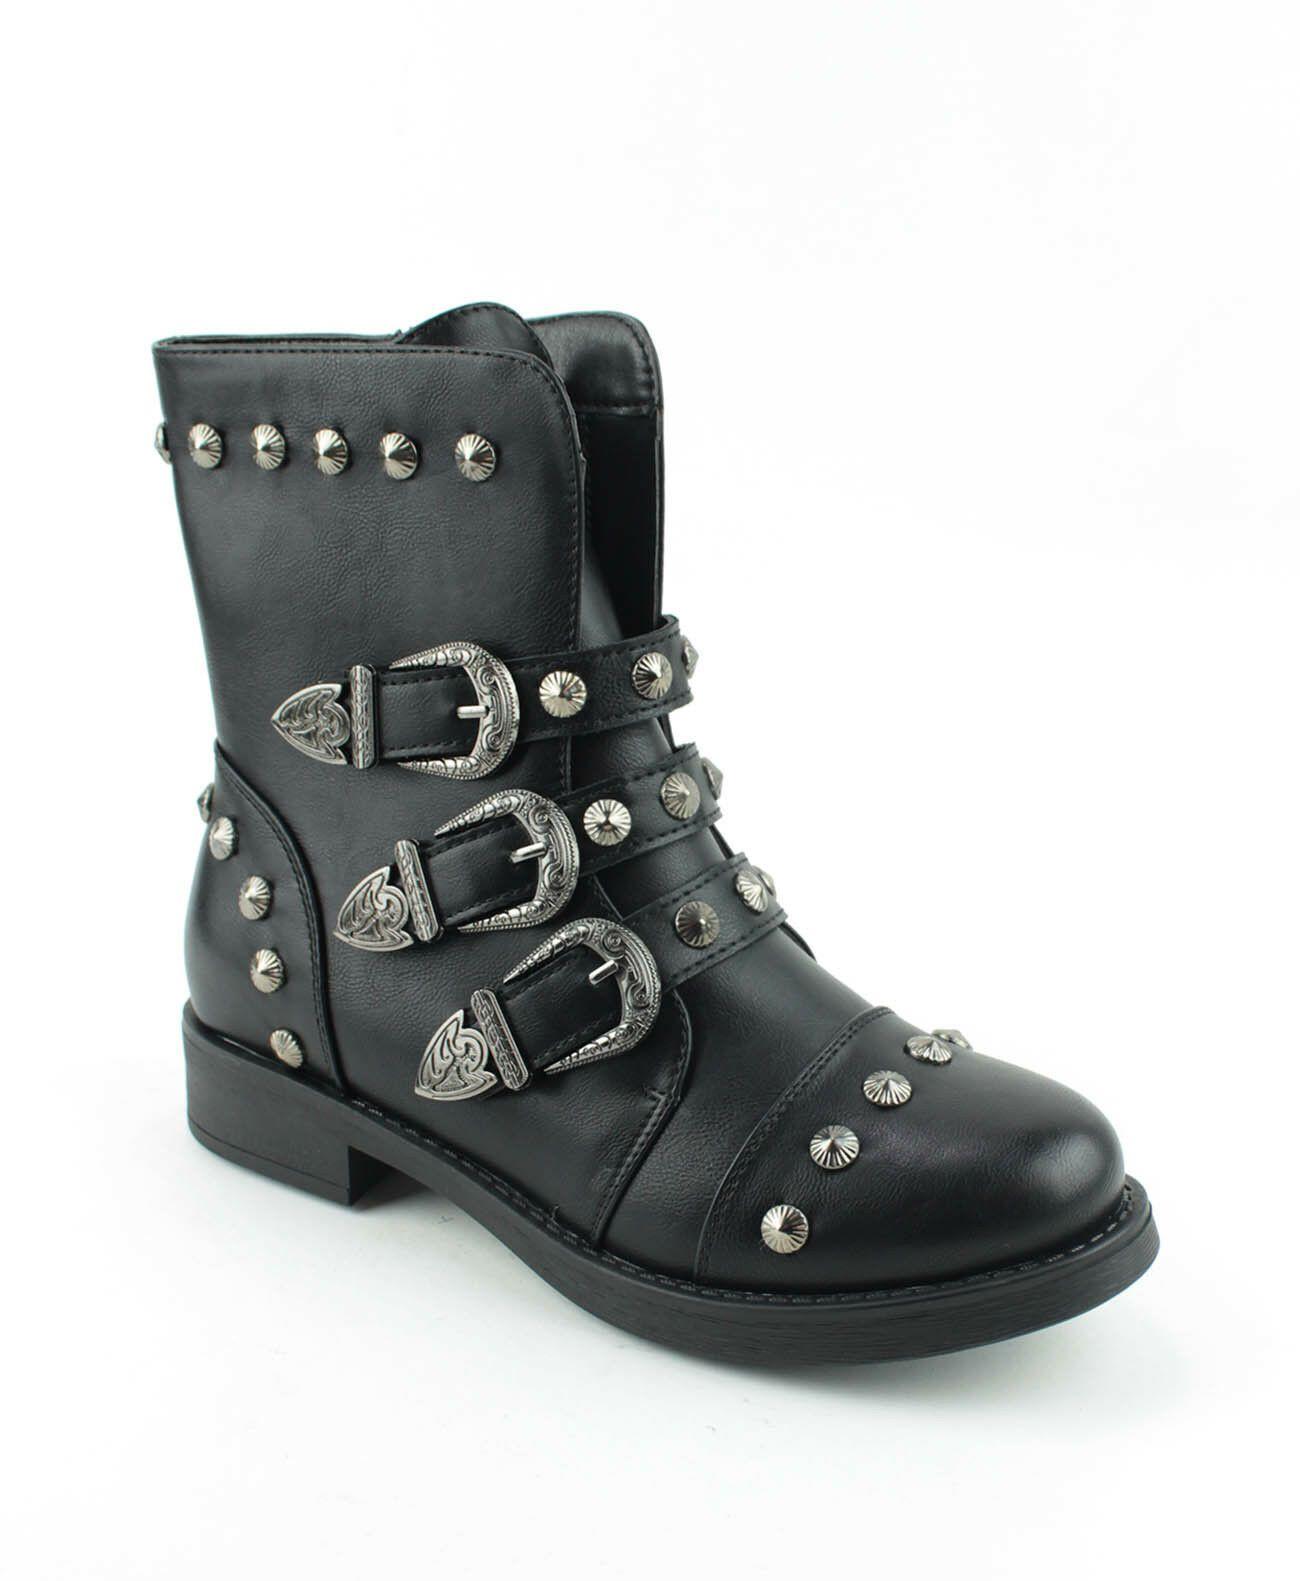 Femmes Bottines Bottes Motard Plat Chaussures D/'Hiver Rivets pour Dames